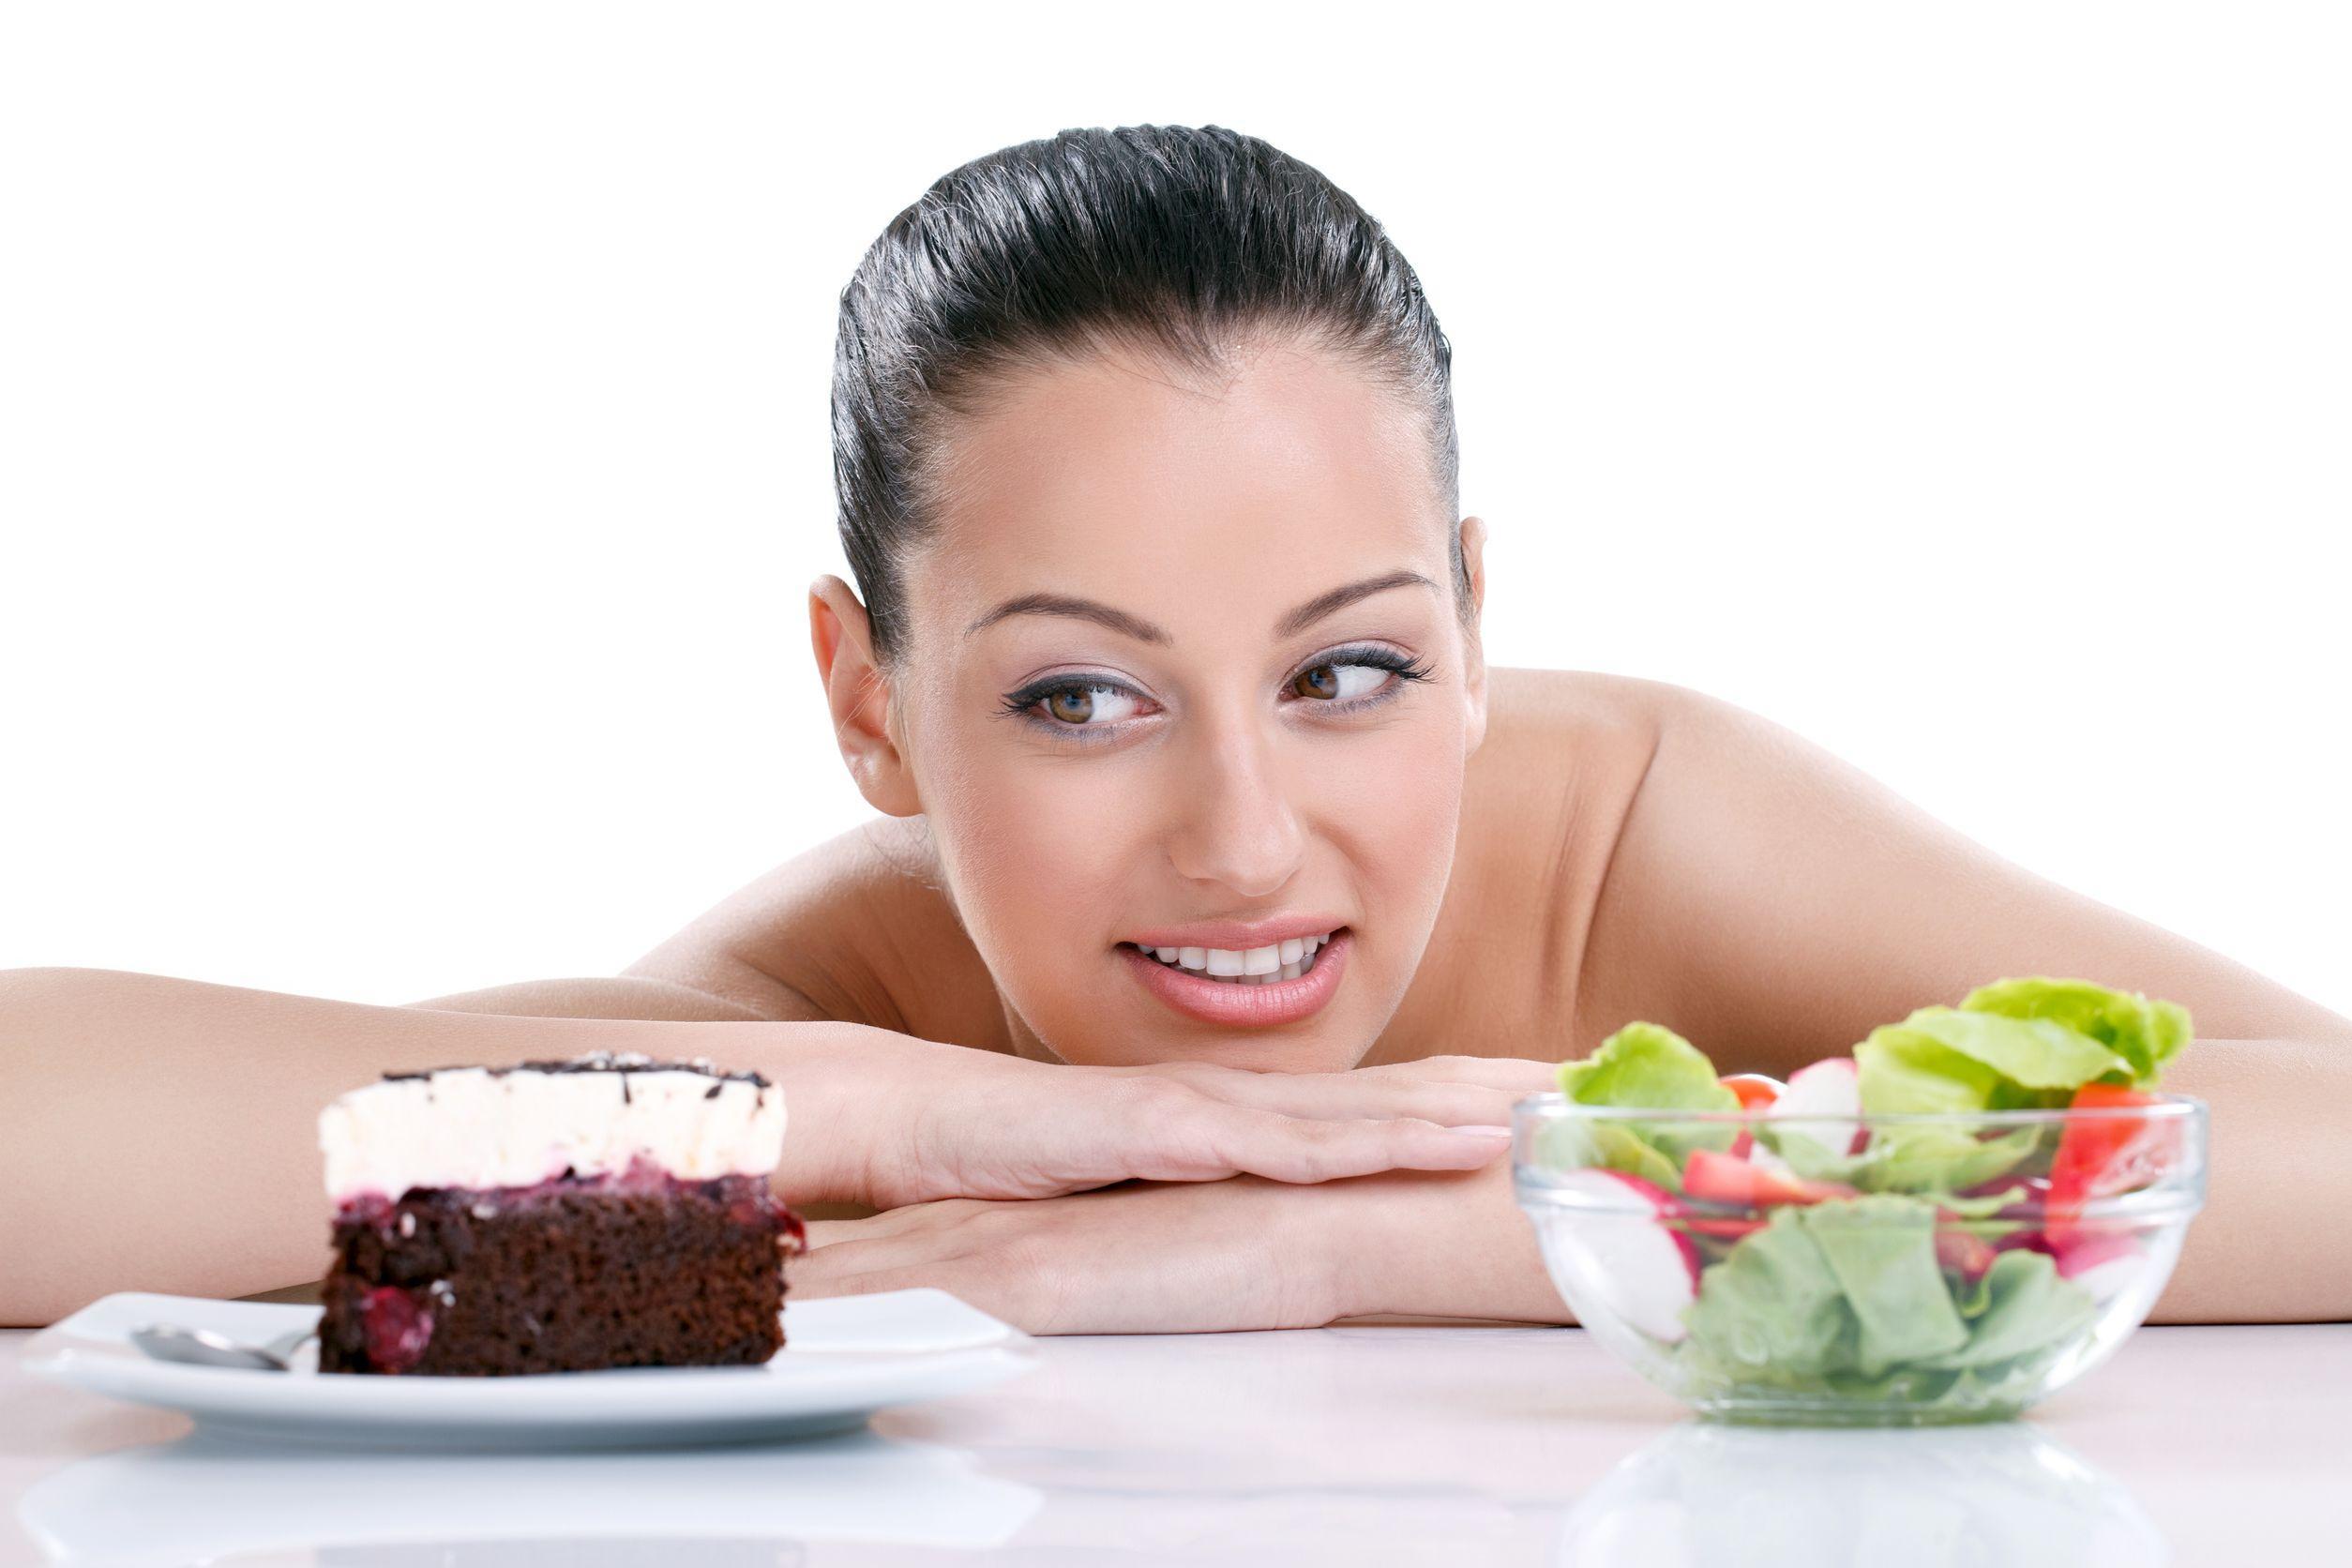 OMS indica que diminuir açúcar reduz cáries e melhora saúde bucal